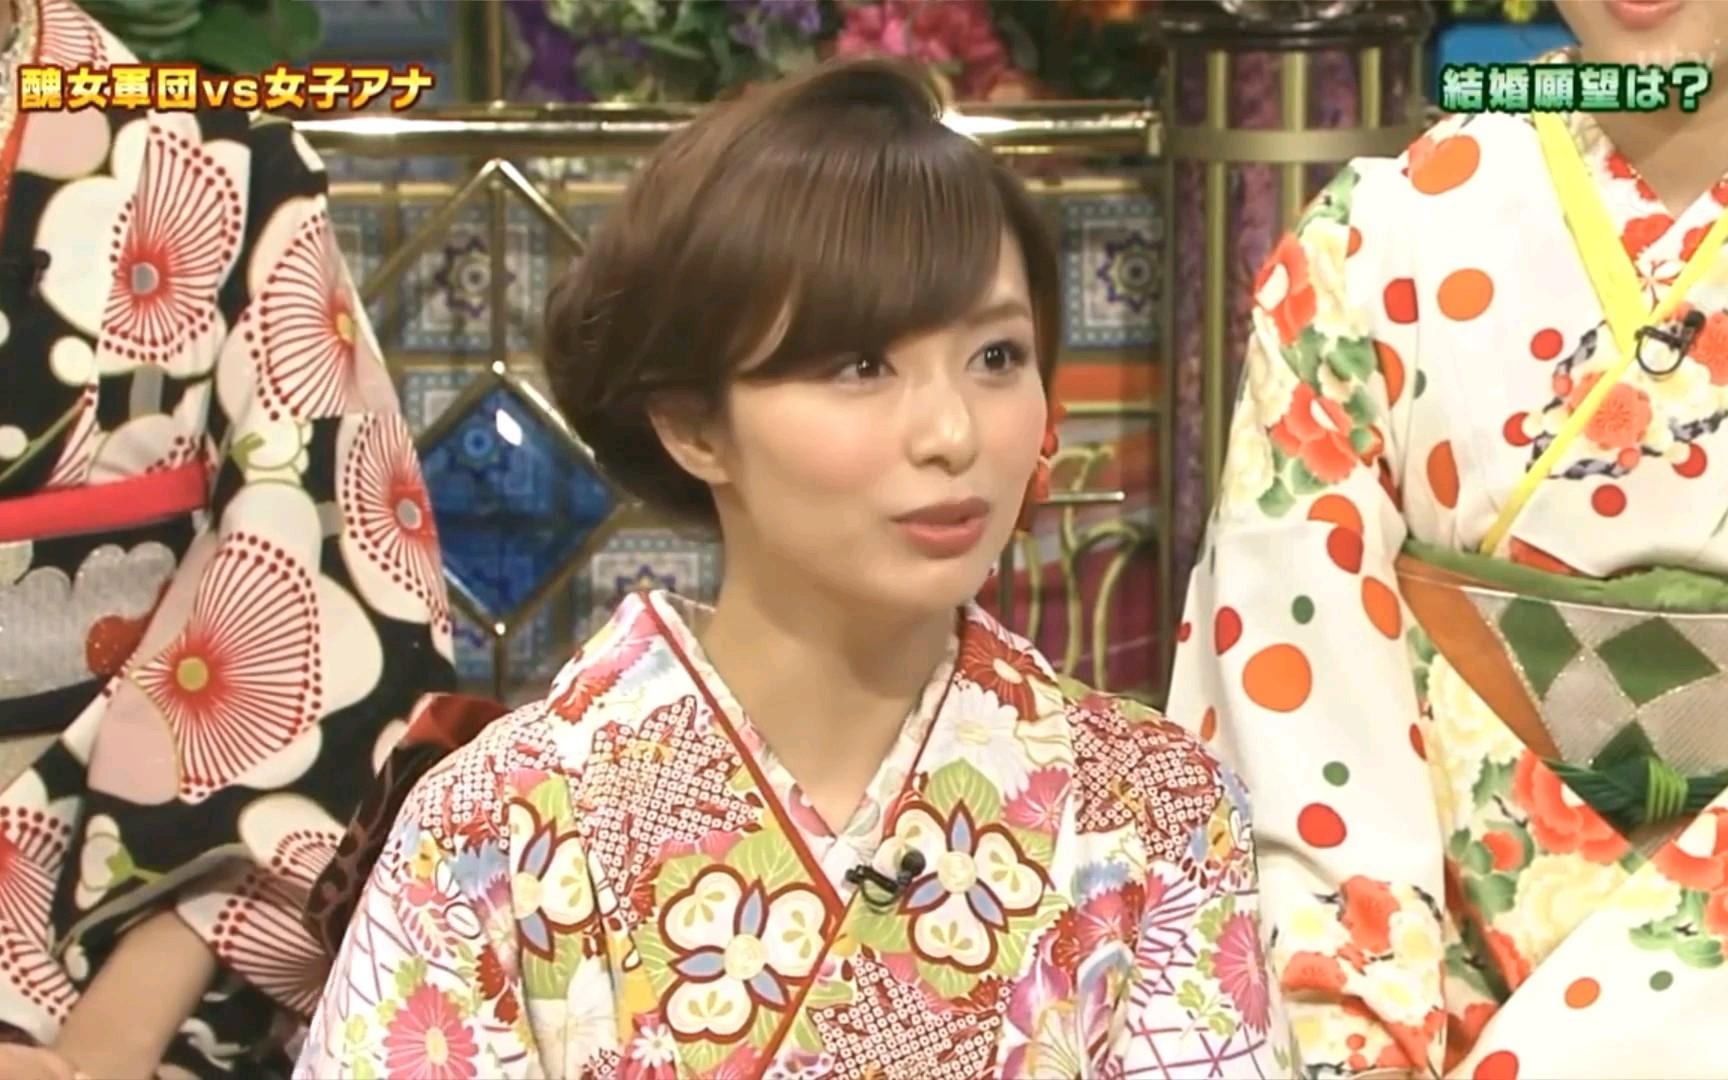 嵐 二宮和也伊藤綾子 vs